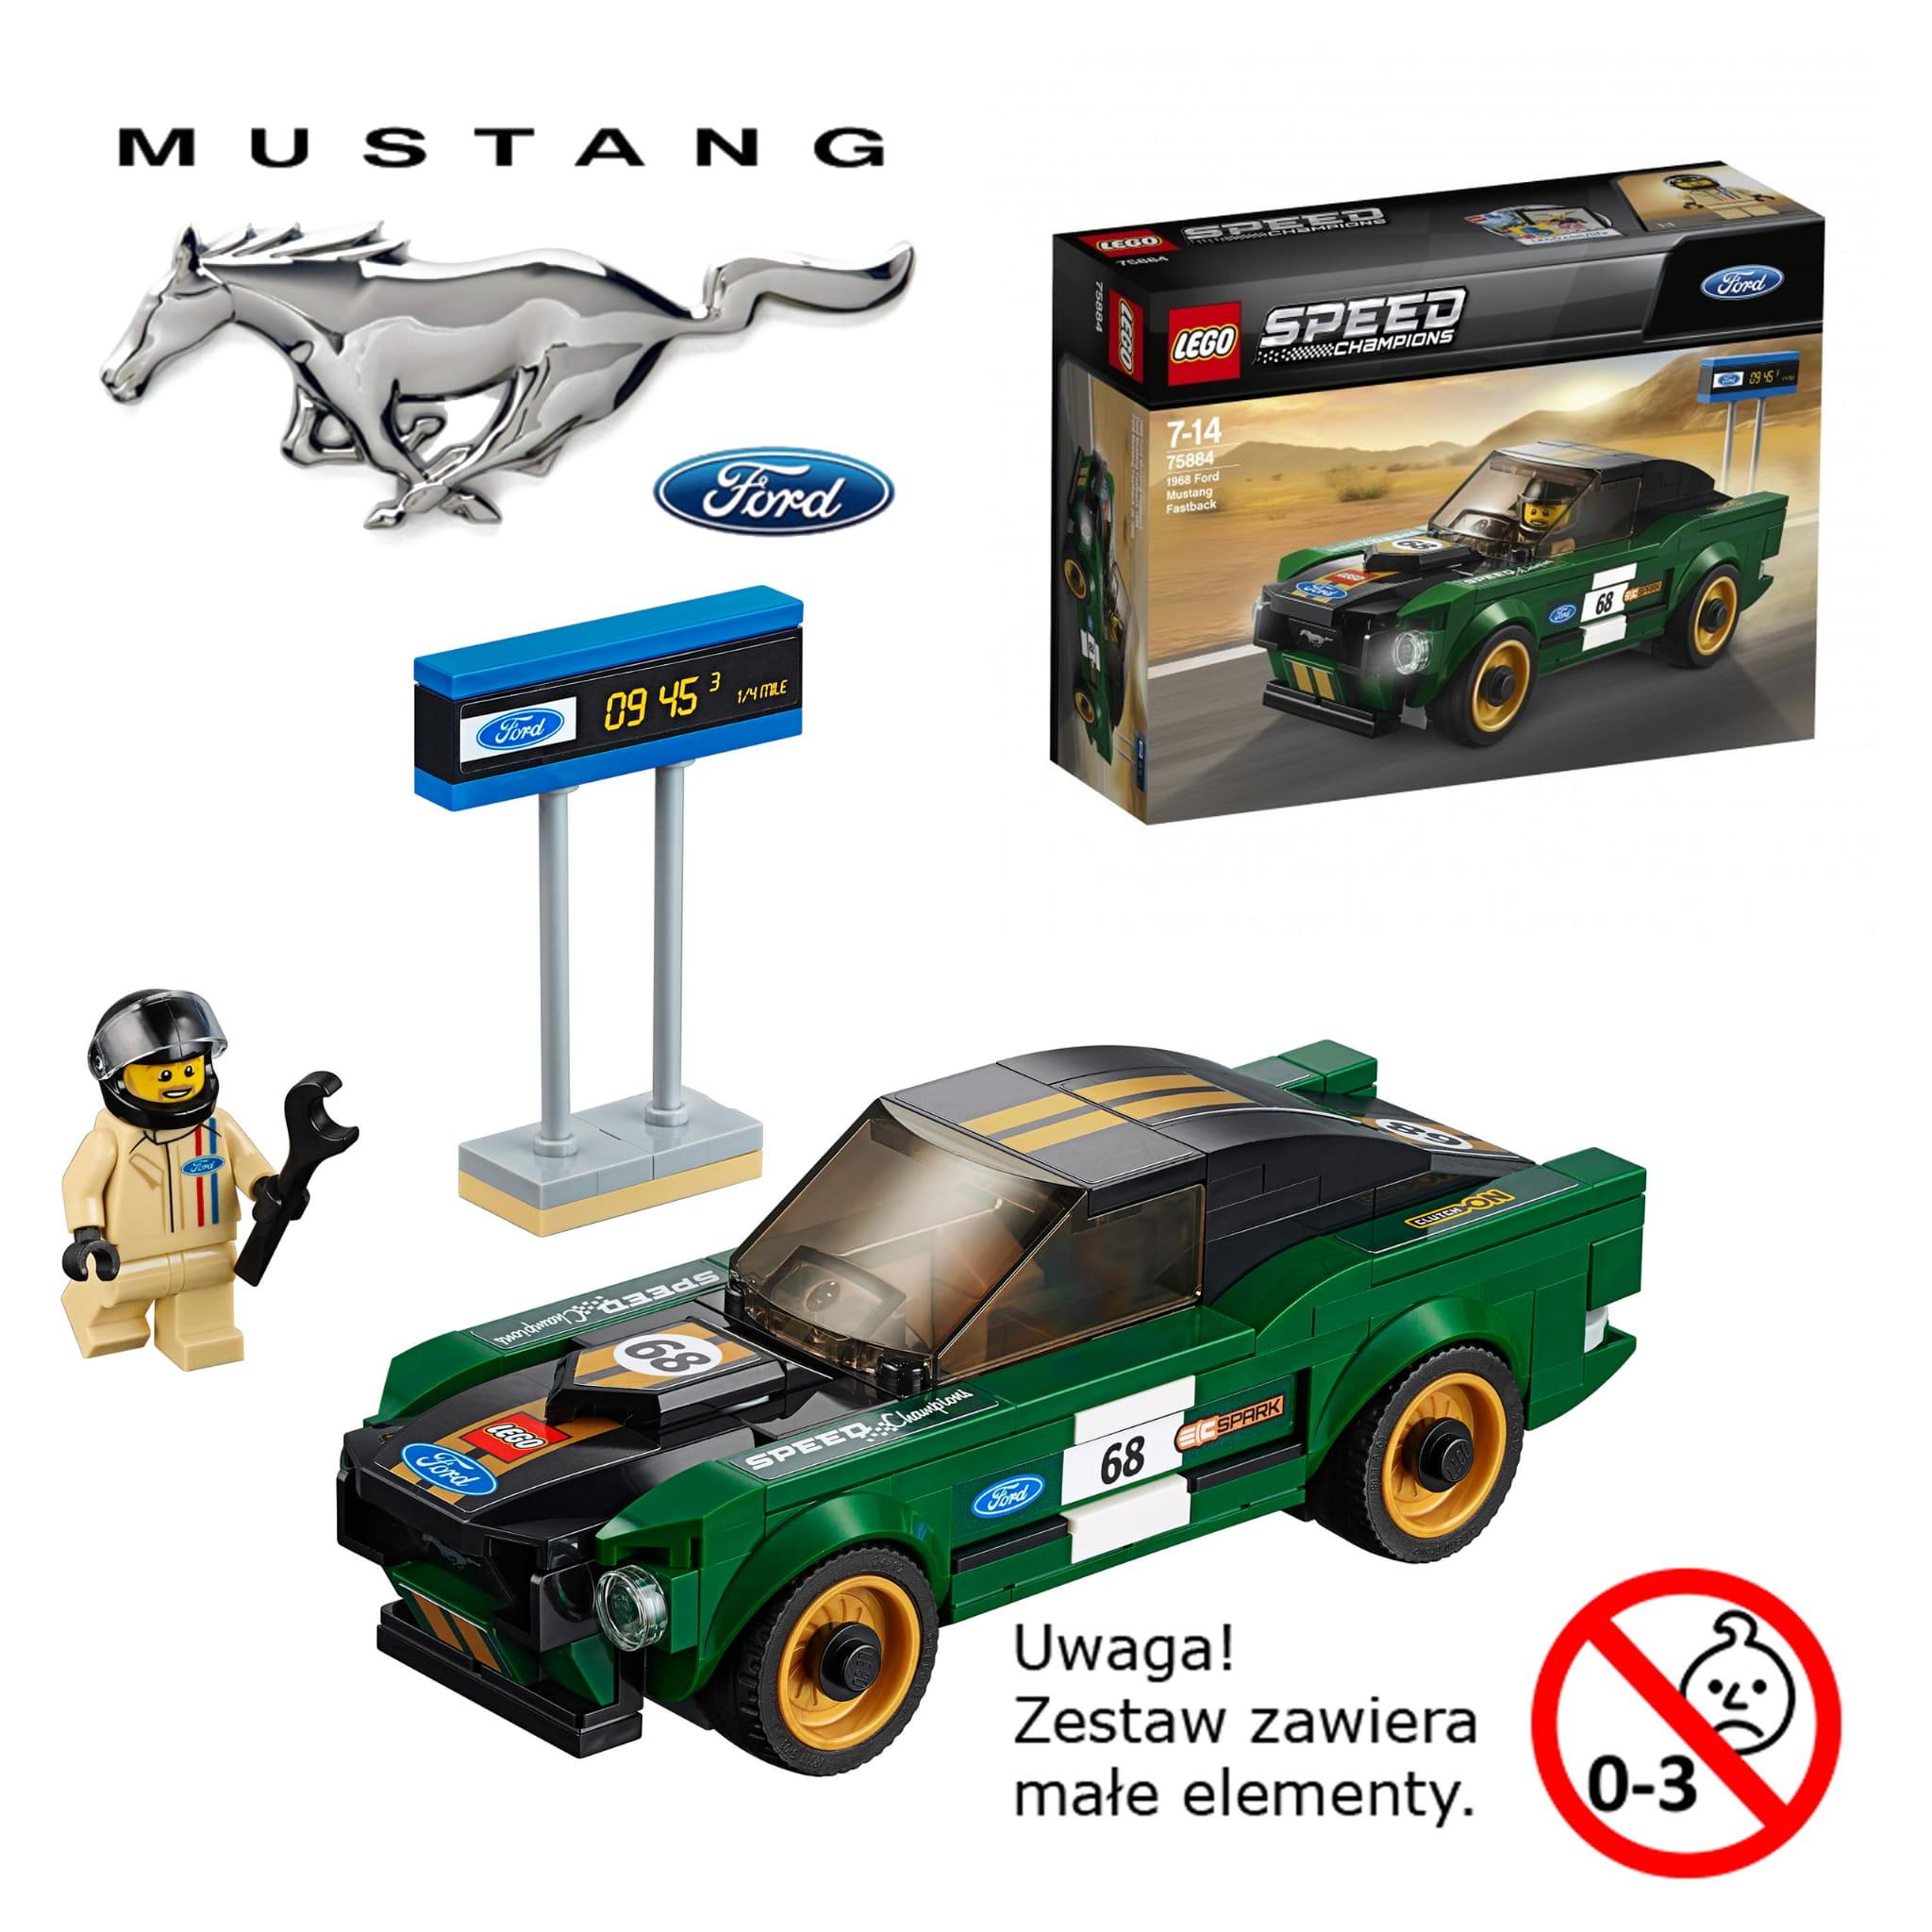 Ford Mustang Gt Klocki Lego 35030118 Części I Akcesoria